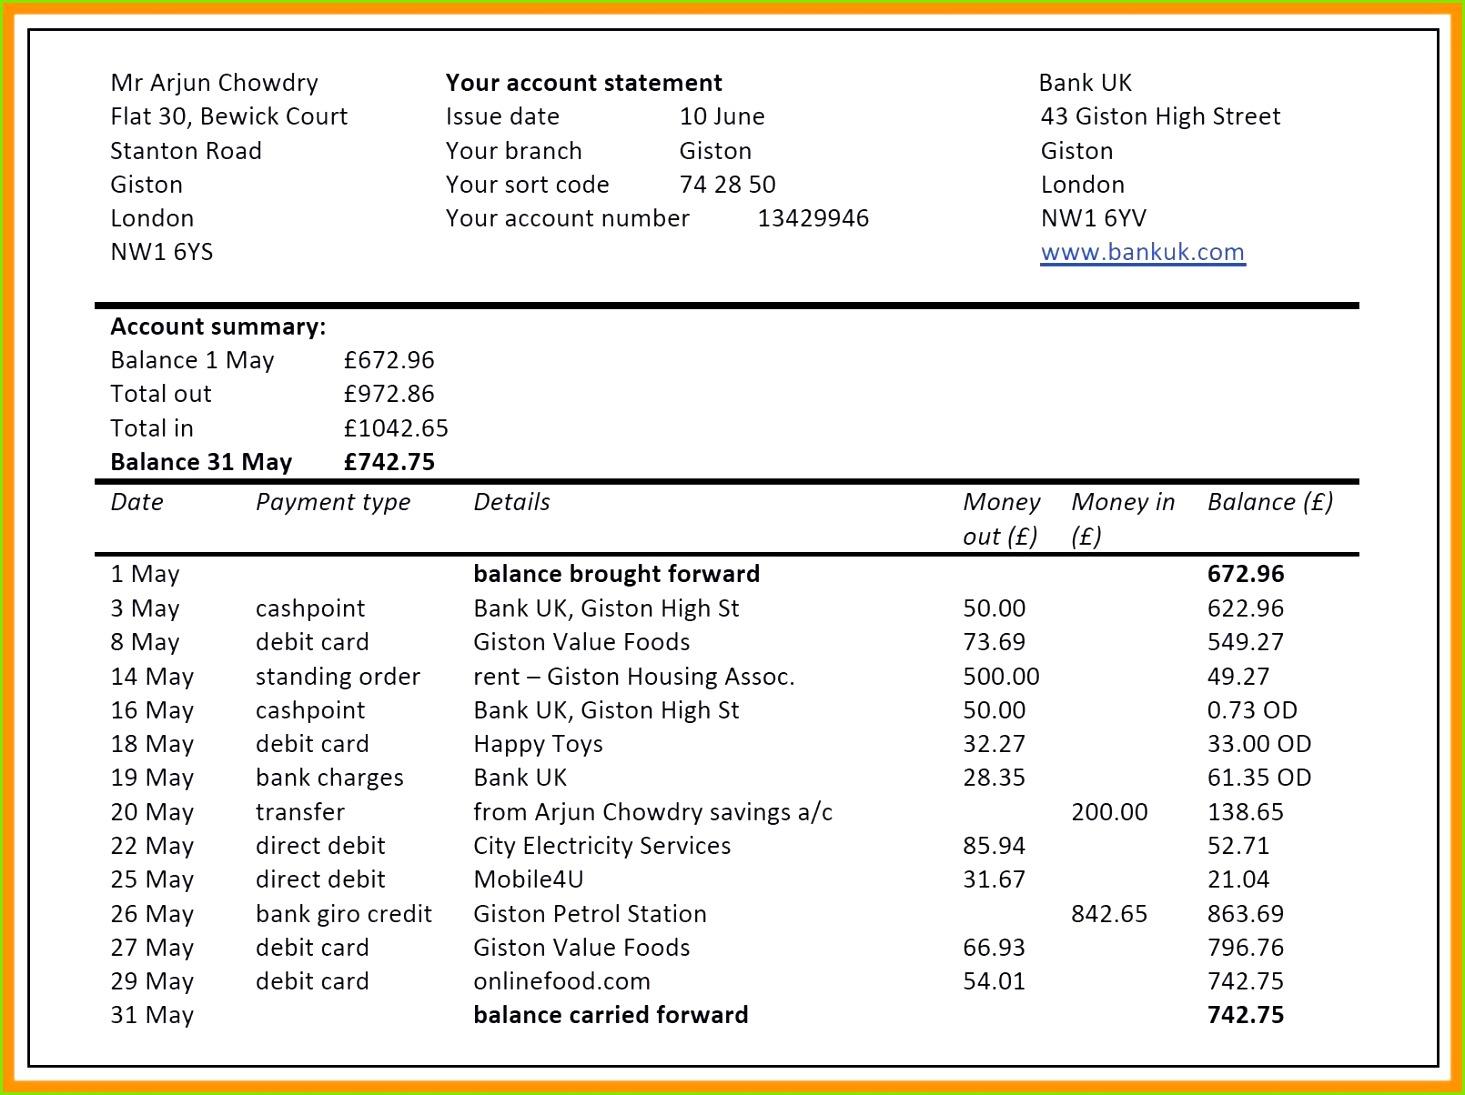 Excel Zwei Tabellen Vergleichen Bilder Able2extract Im Test 2018 oder excel spezialist